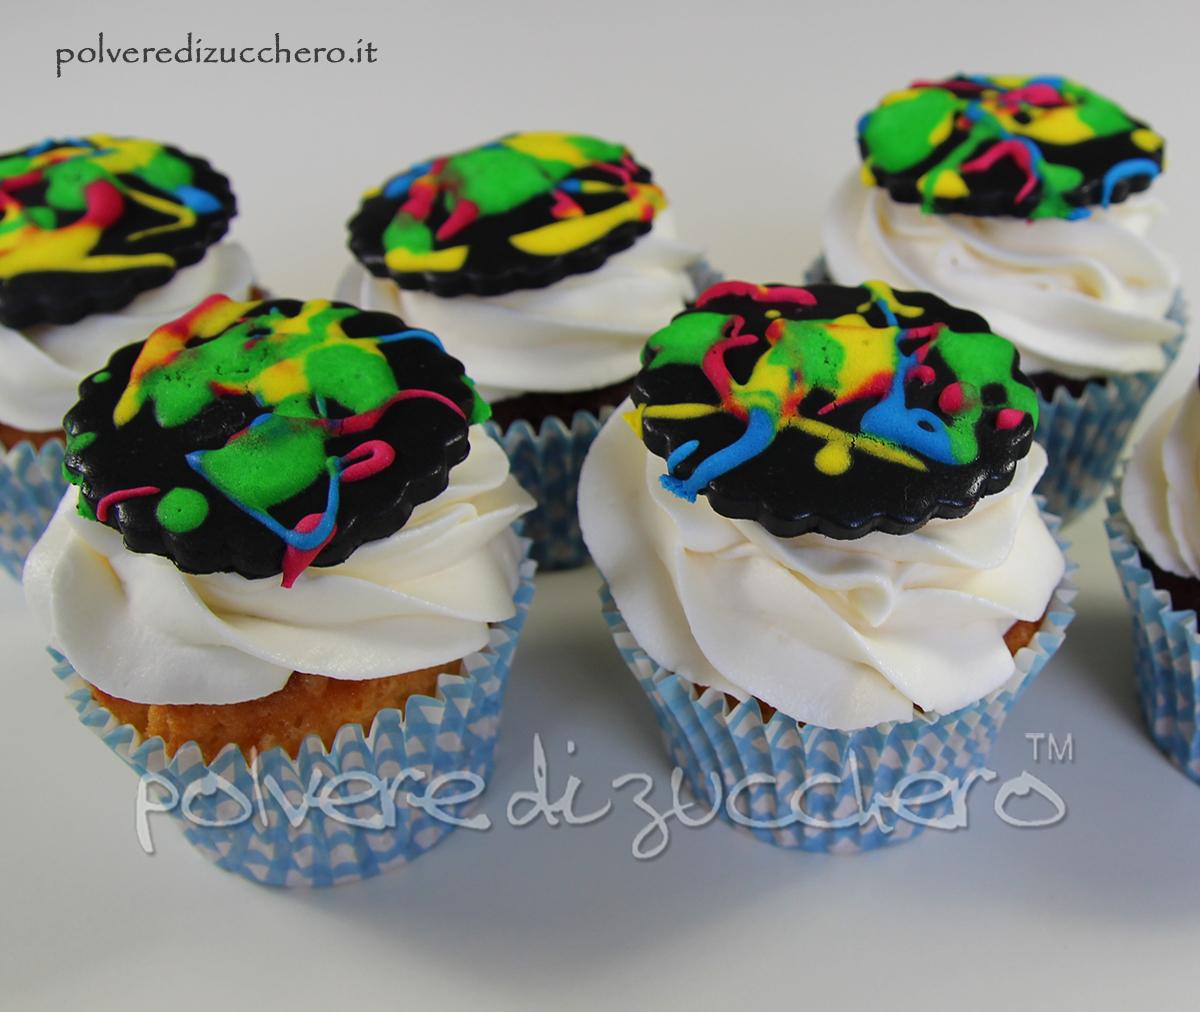 Torta e cupcakes fluo torta decorata con gli schizzi o for Decorazione torte e cupcake